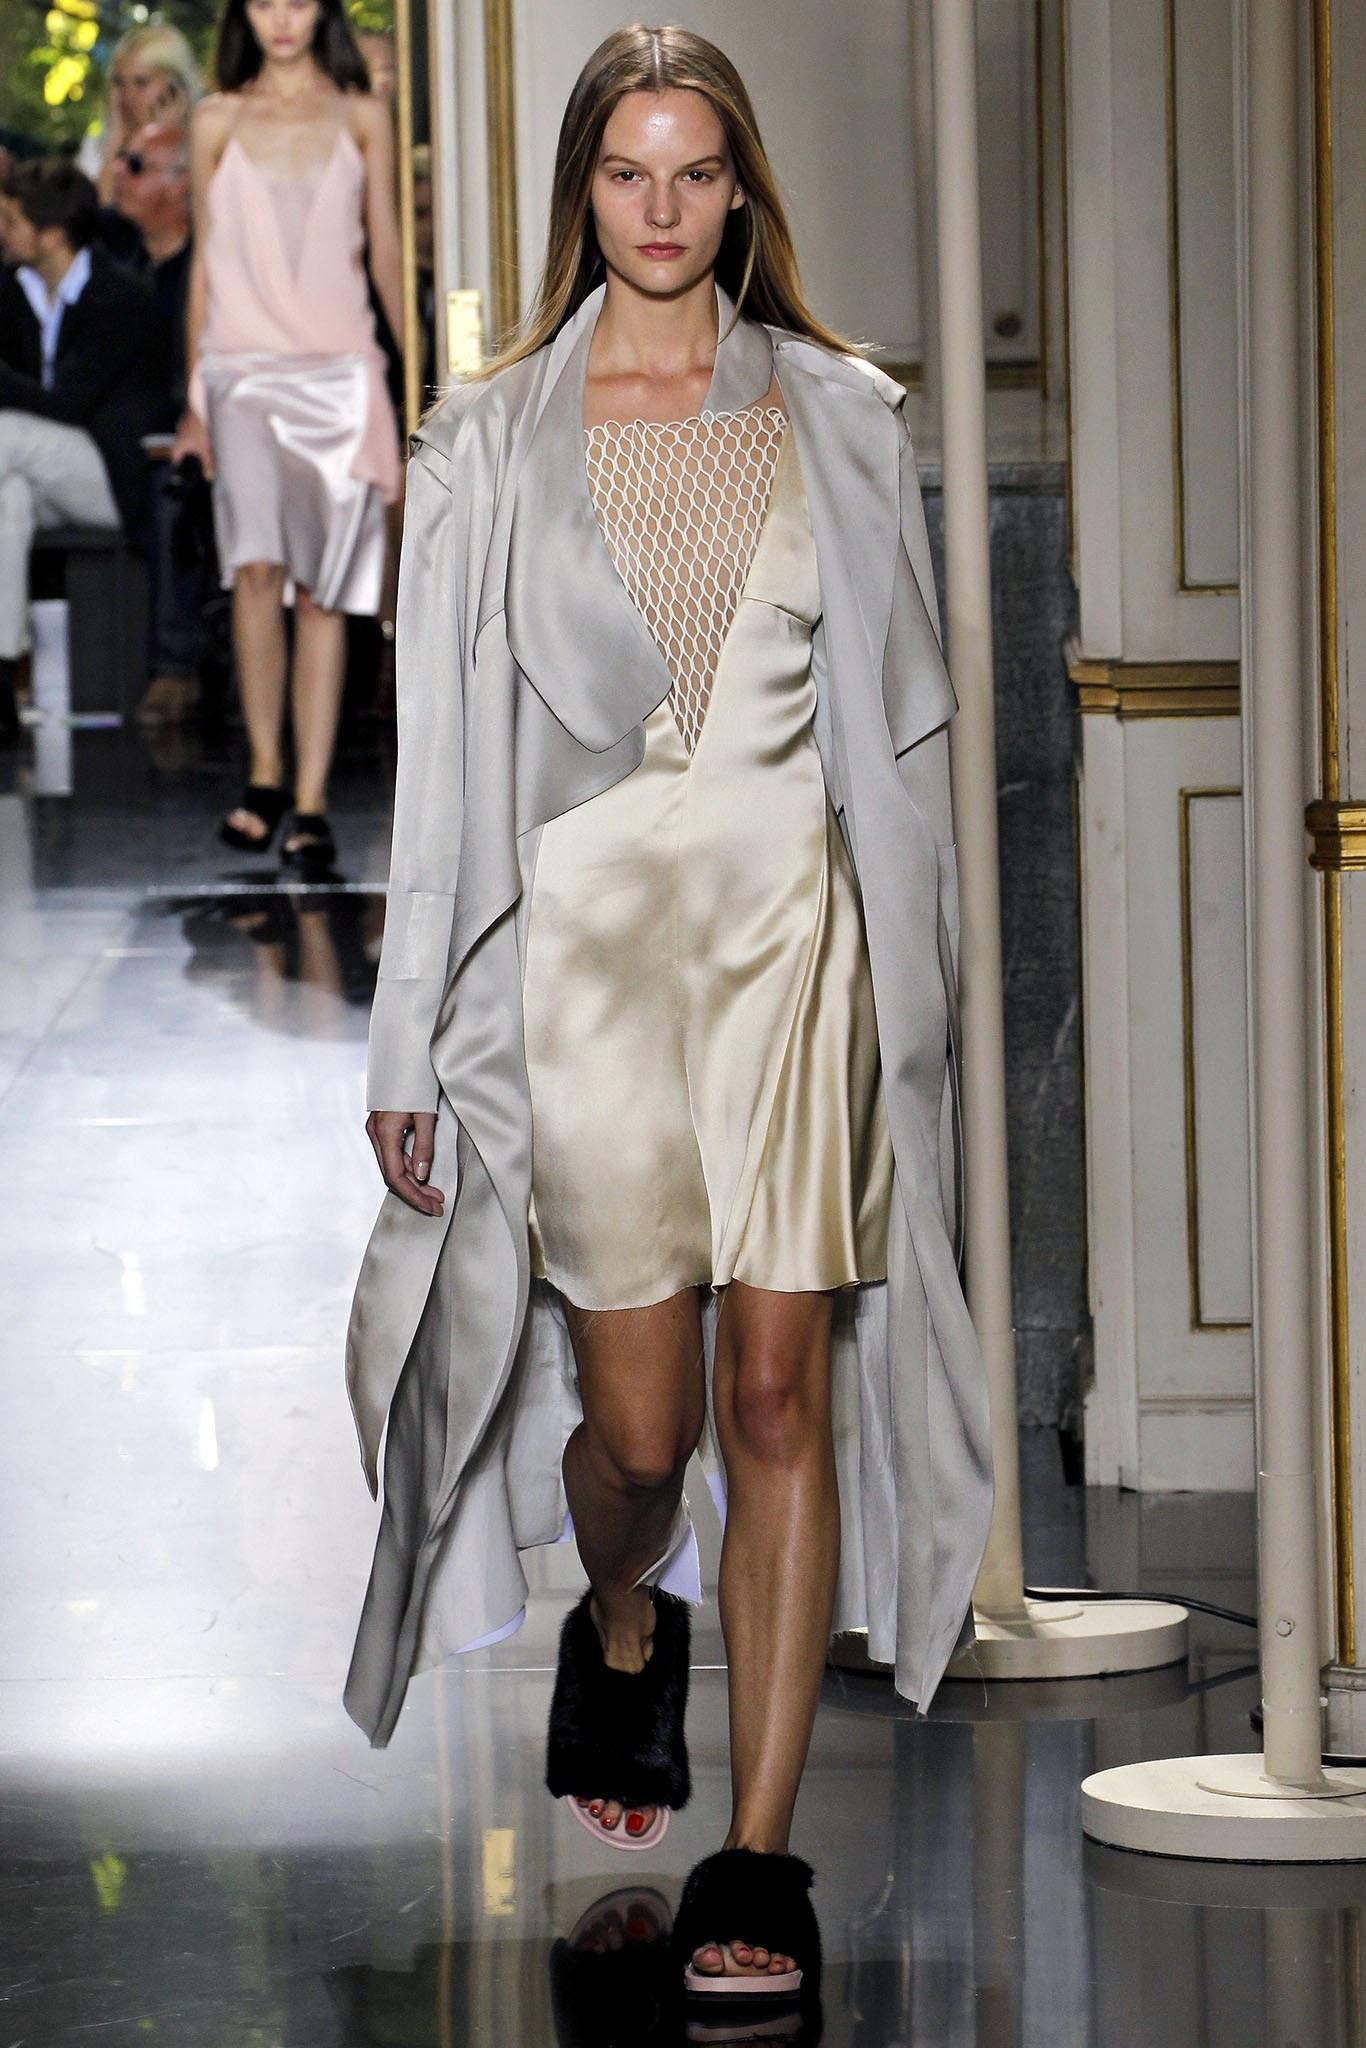 Phoebe Philo cùng Celine đã làm thay đổi thời trang như thế nào